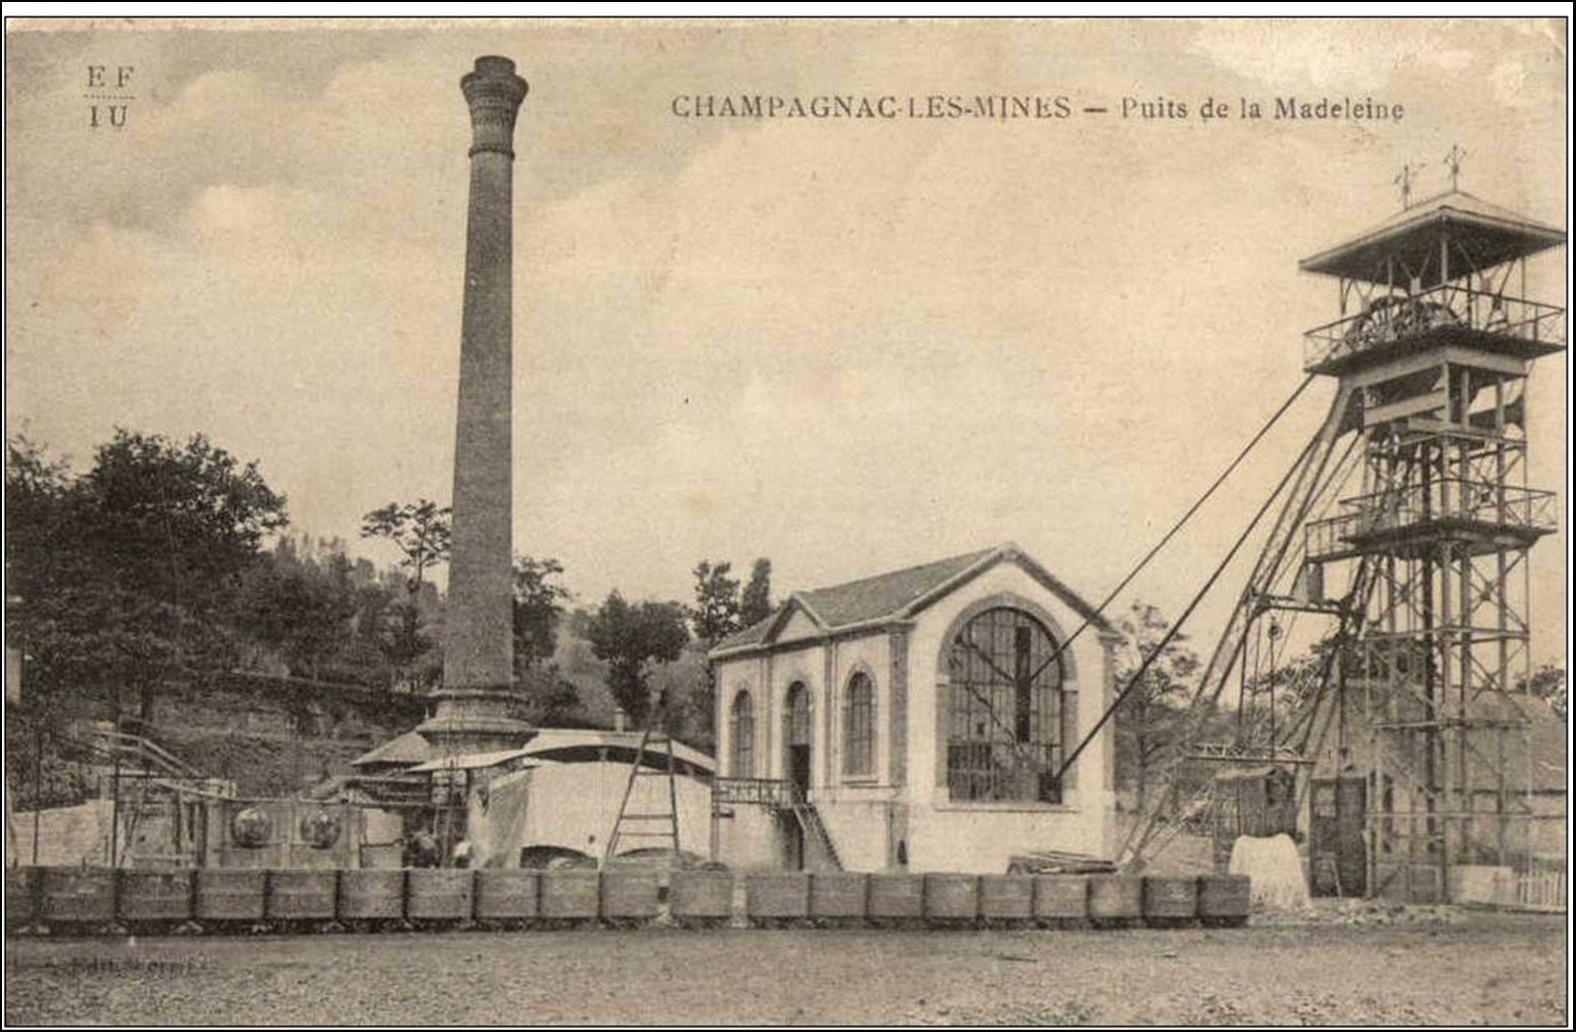 4 Décembre  -Sainte Barbe-  Fête des Mineurs